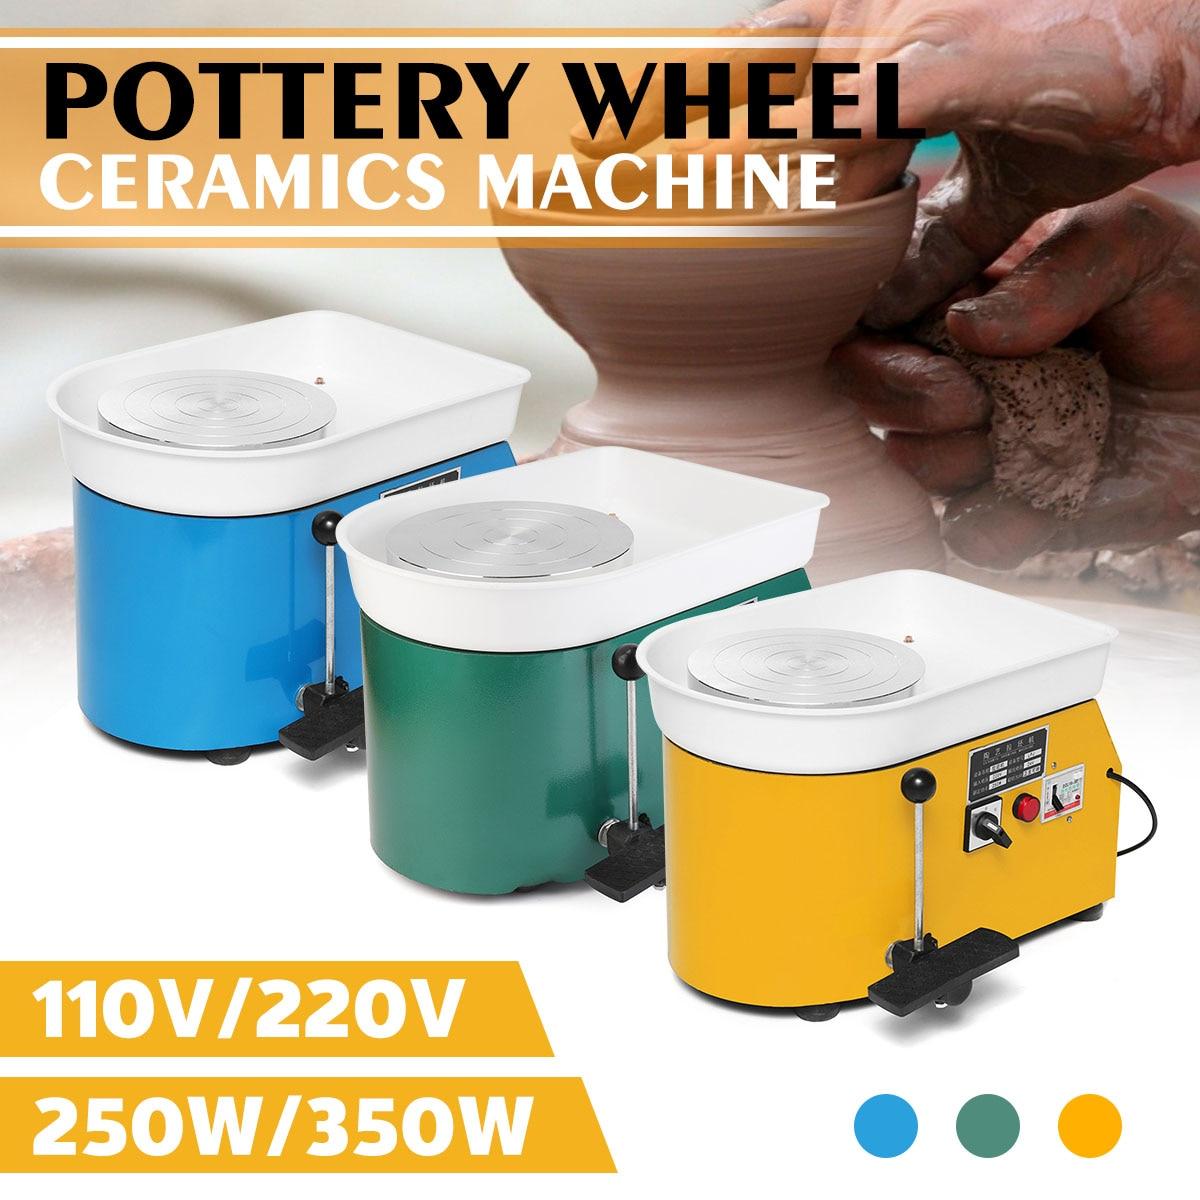 3 couleurs 110 V/220 V poterie formant la Machine 250 W/350 W poterie électrique roue argile pour travaux pratiques outil avec plateau pour céramique travail céramique